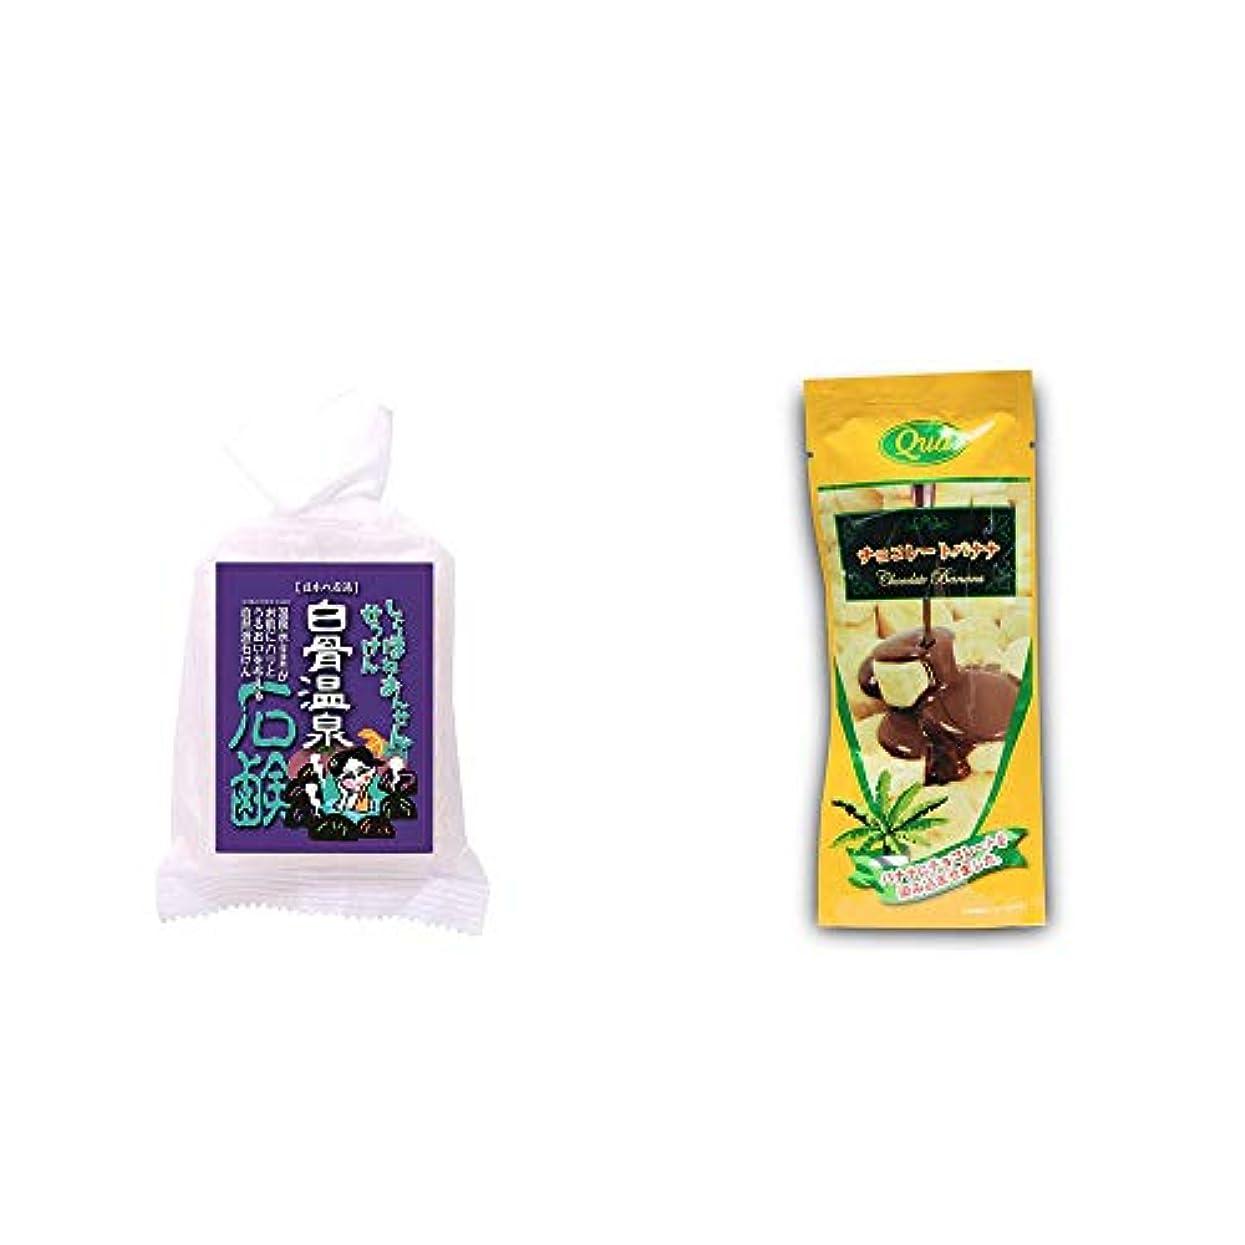 標準ノミネート通行人[2点セット] 信州 白骨温泉石鹸(80g)?フリーズドライ チョコレートバナナ(50g)